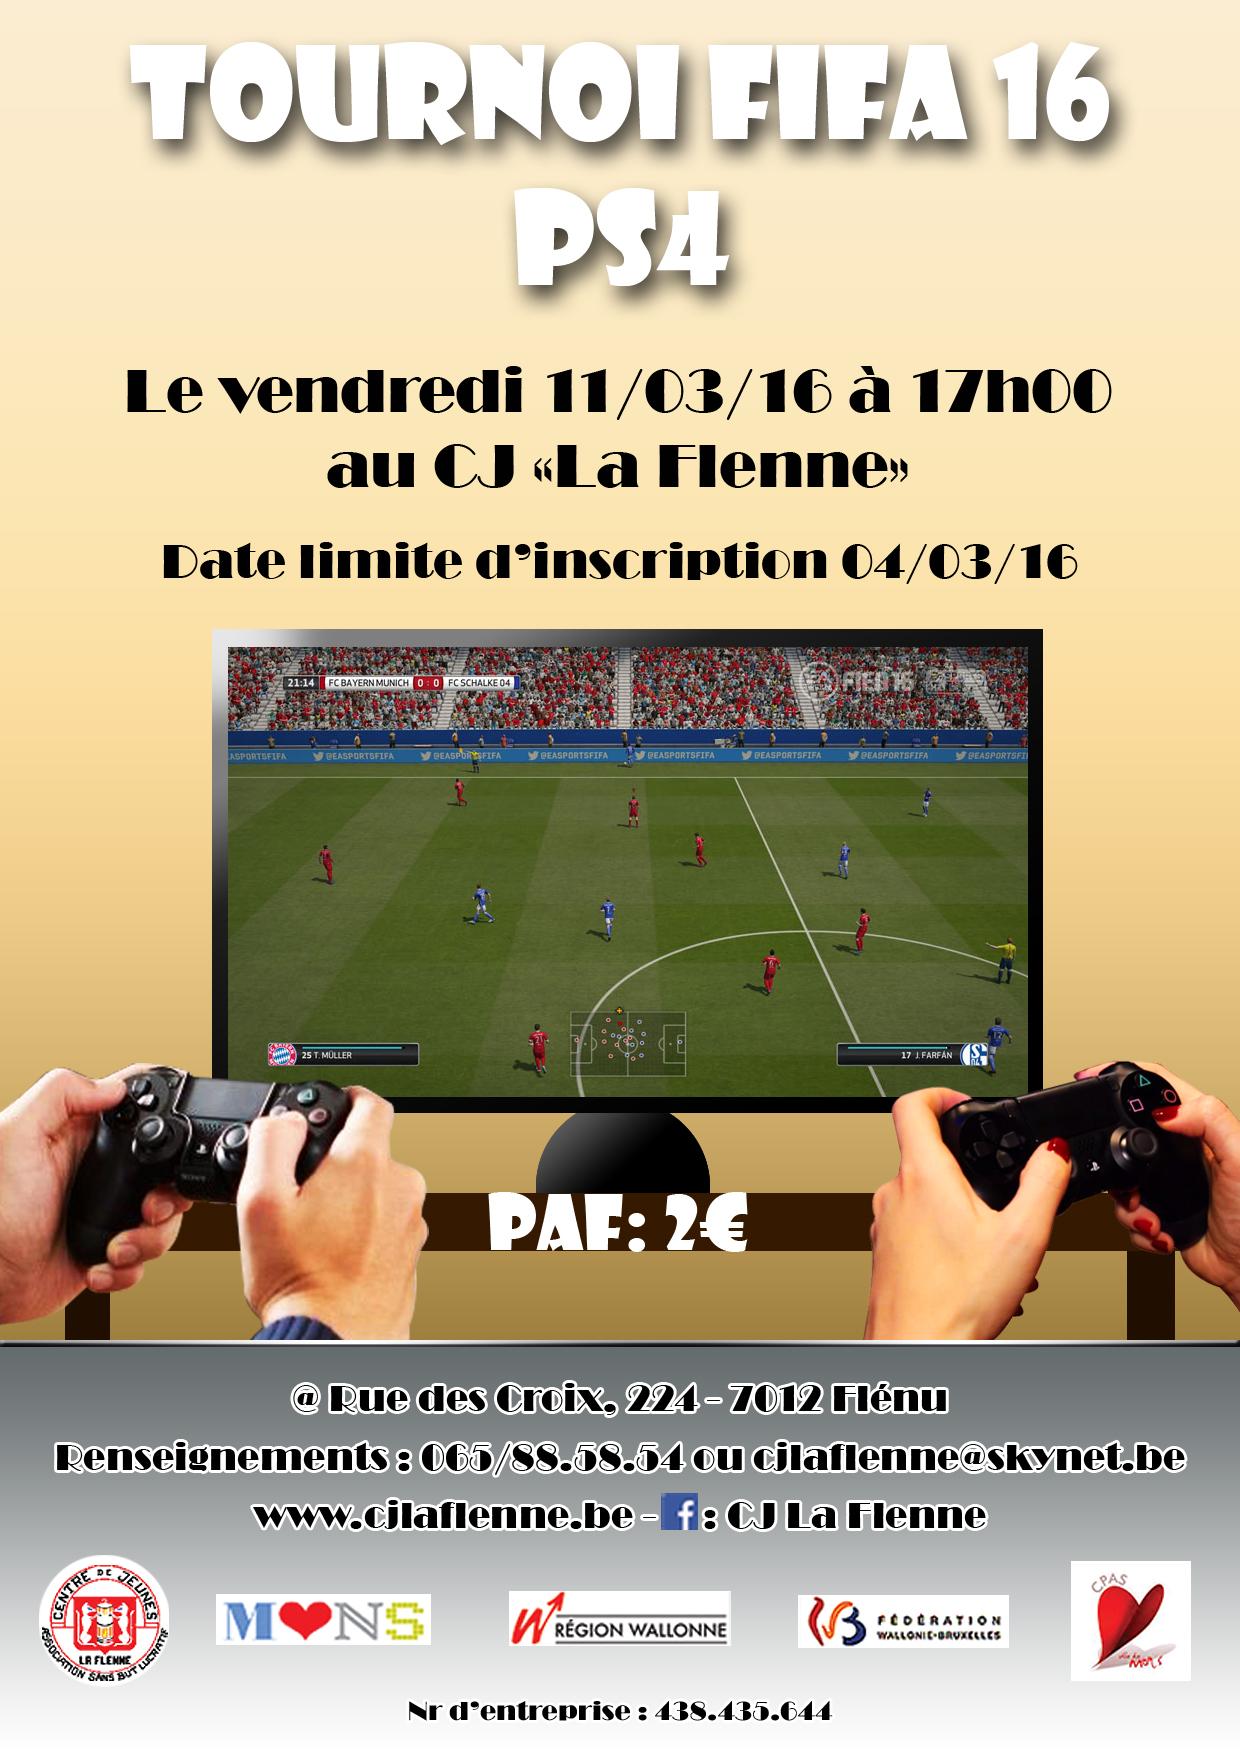 Tournoi FIFA 16 ps4 bon